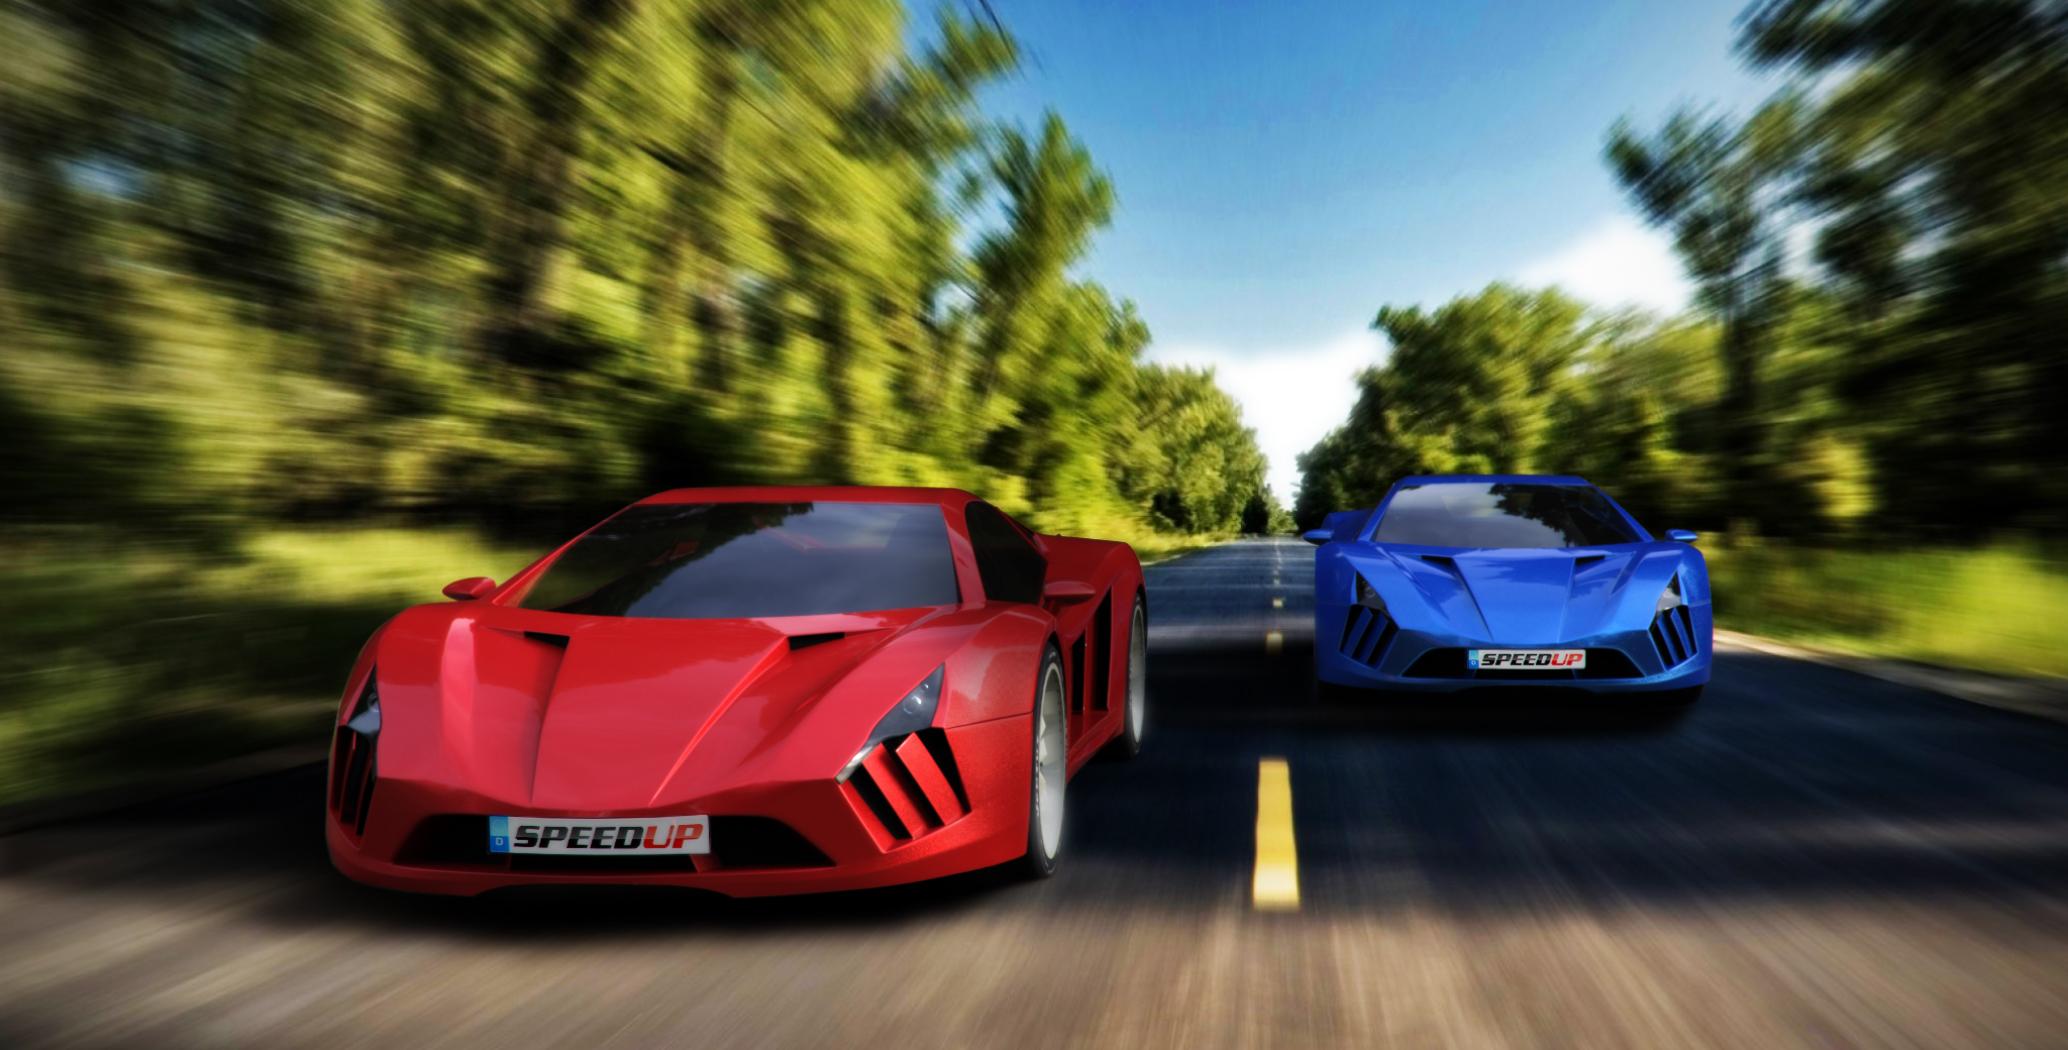 Speed Up v1